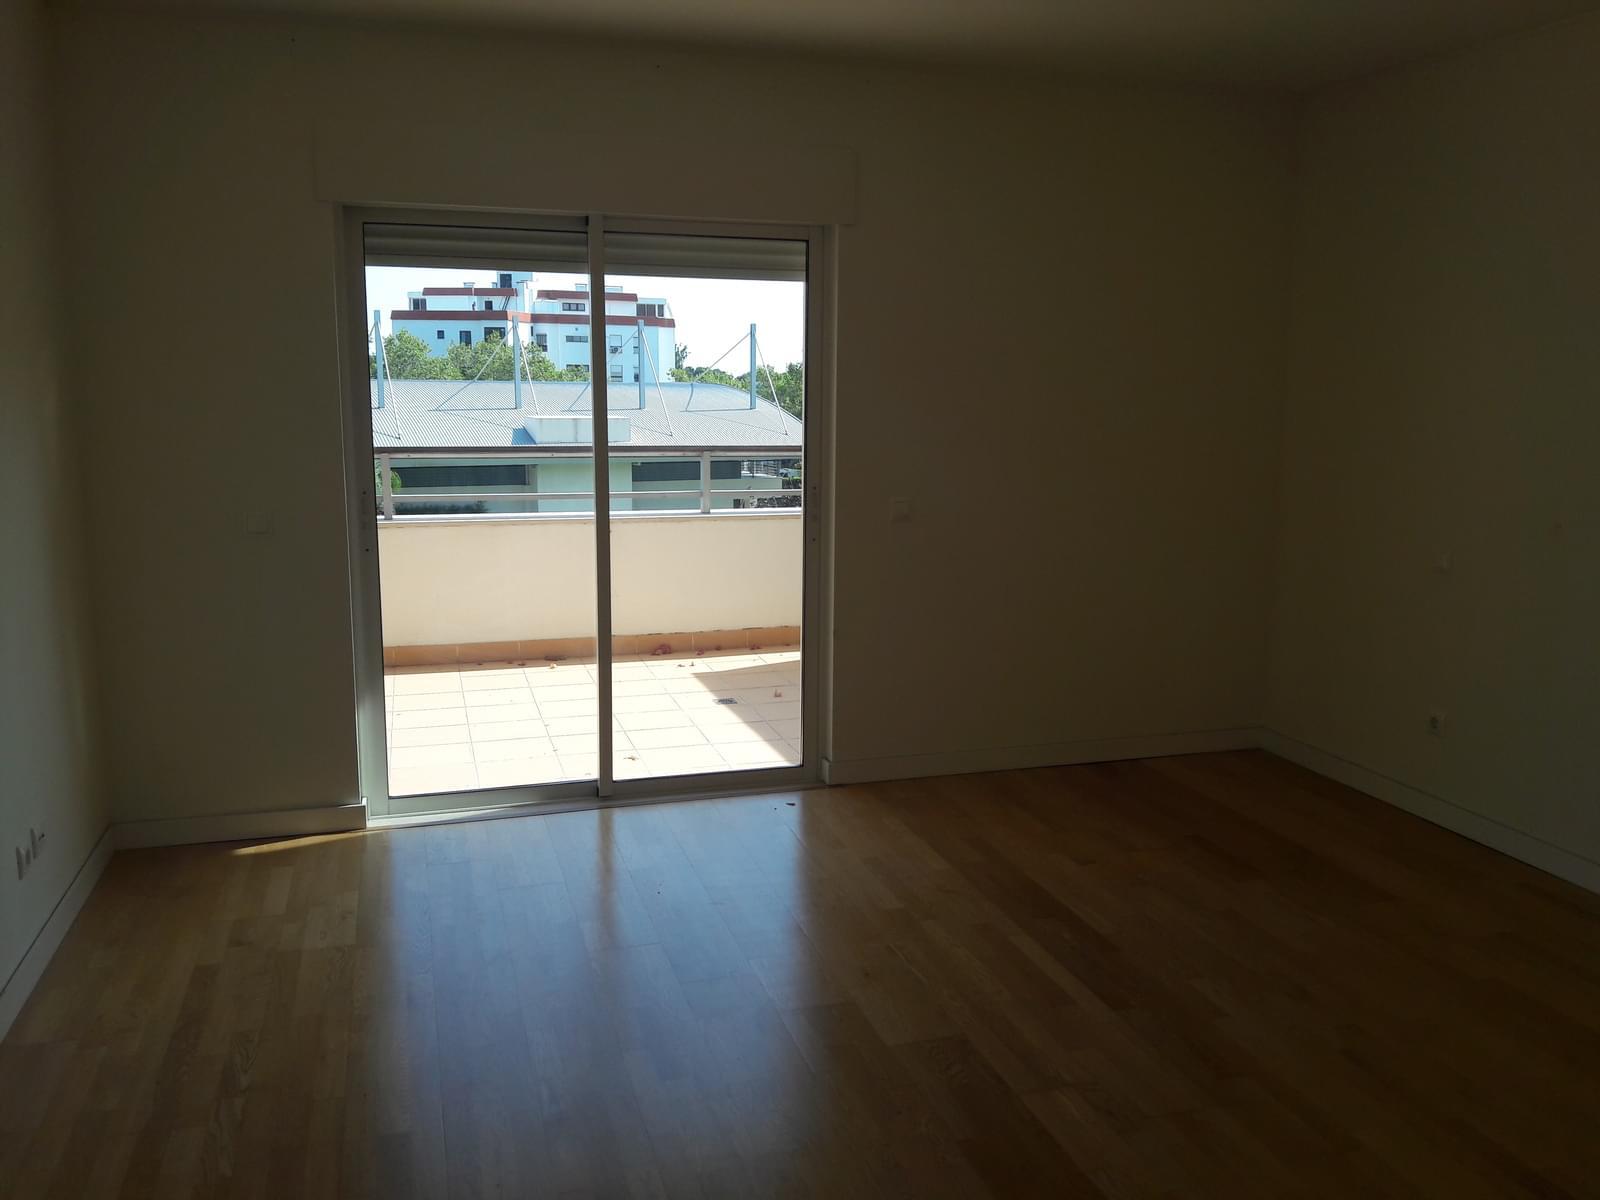 pf18143-apartamento-t3-cascais-bd4da87a-9d8c-4f7c-9932-68de15cbaab8